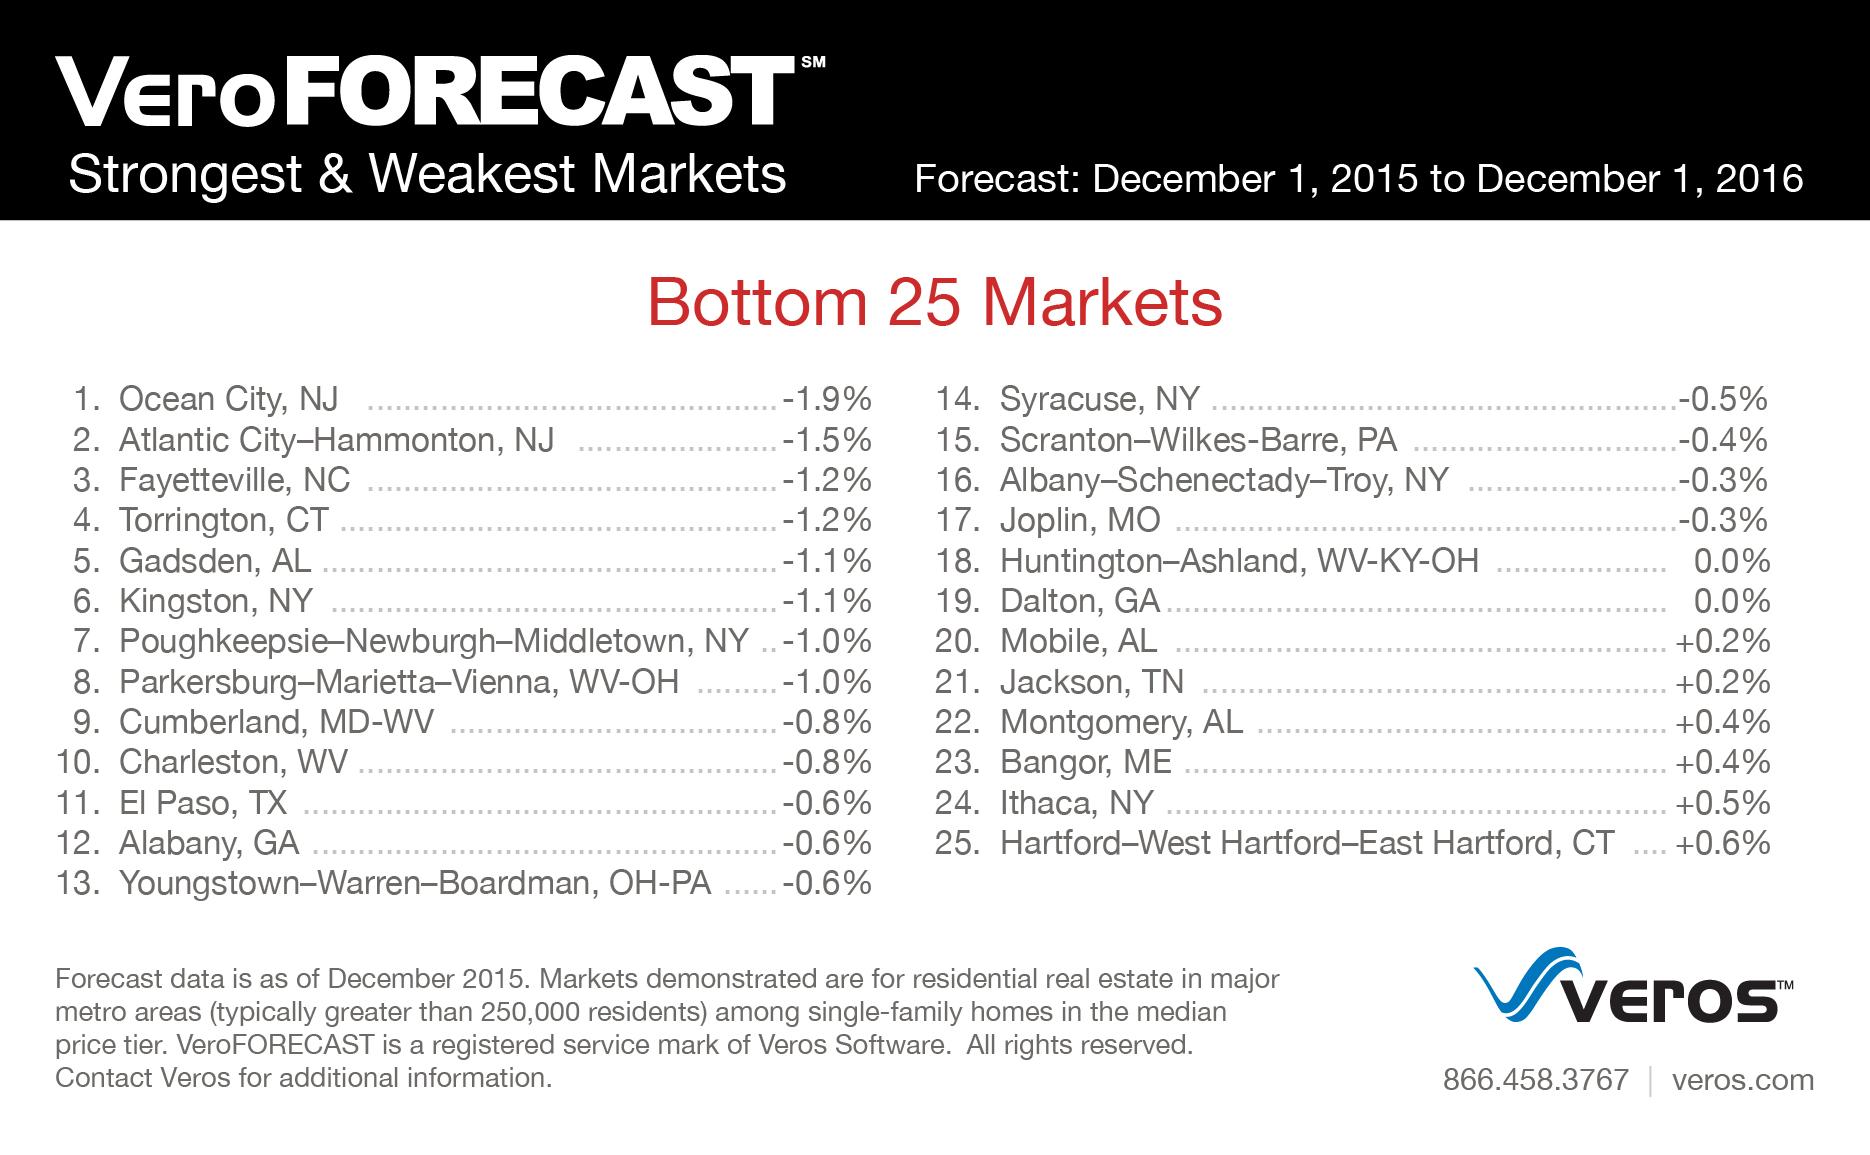 Veros 2016 weakest markets